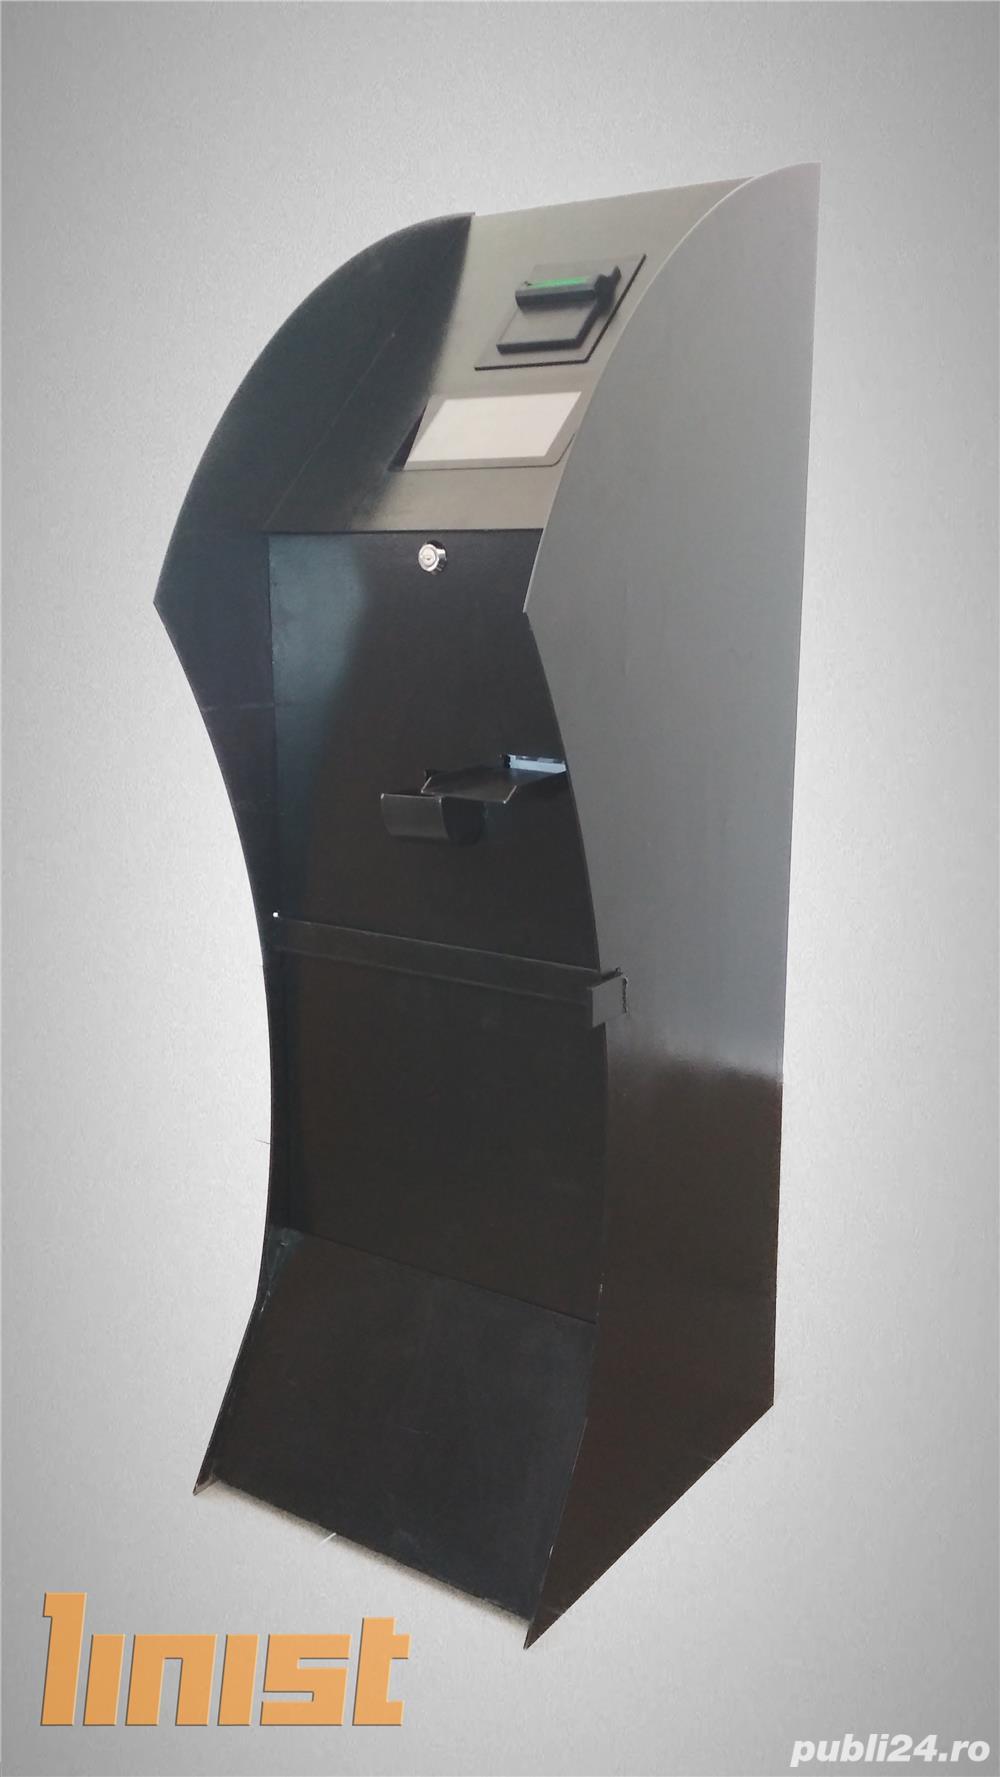 Automat distribuitor de fise pentru spalatorii auto